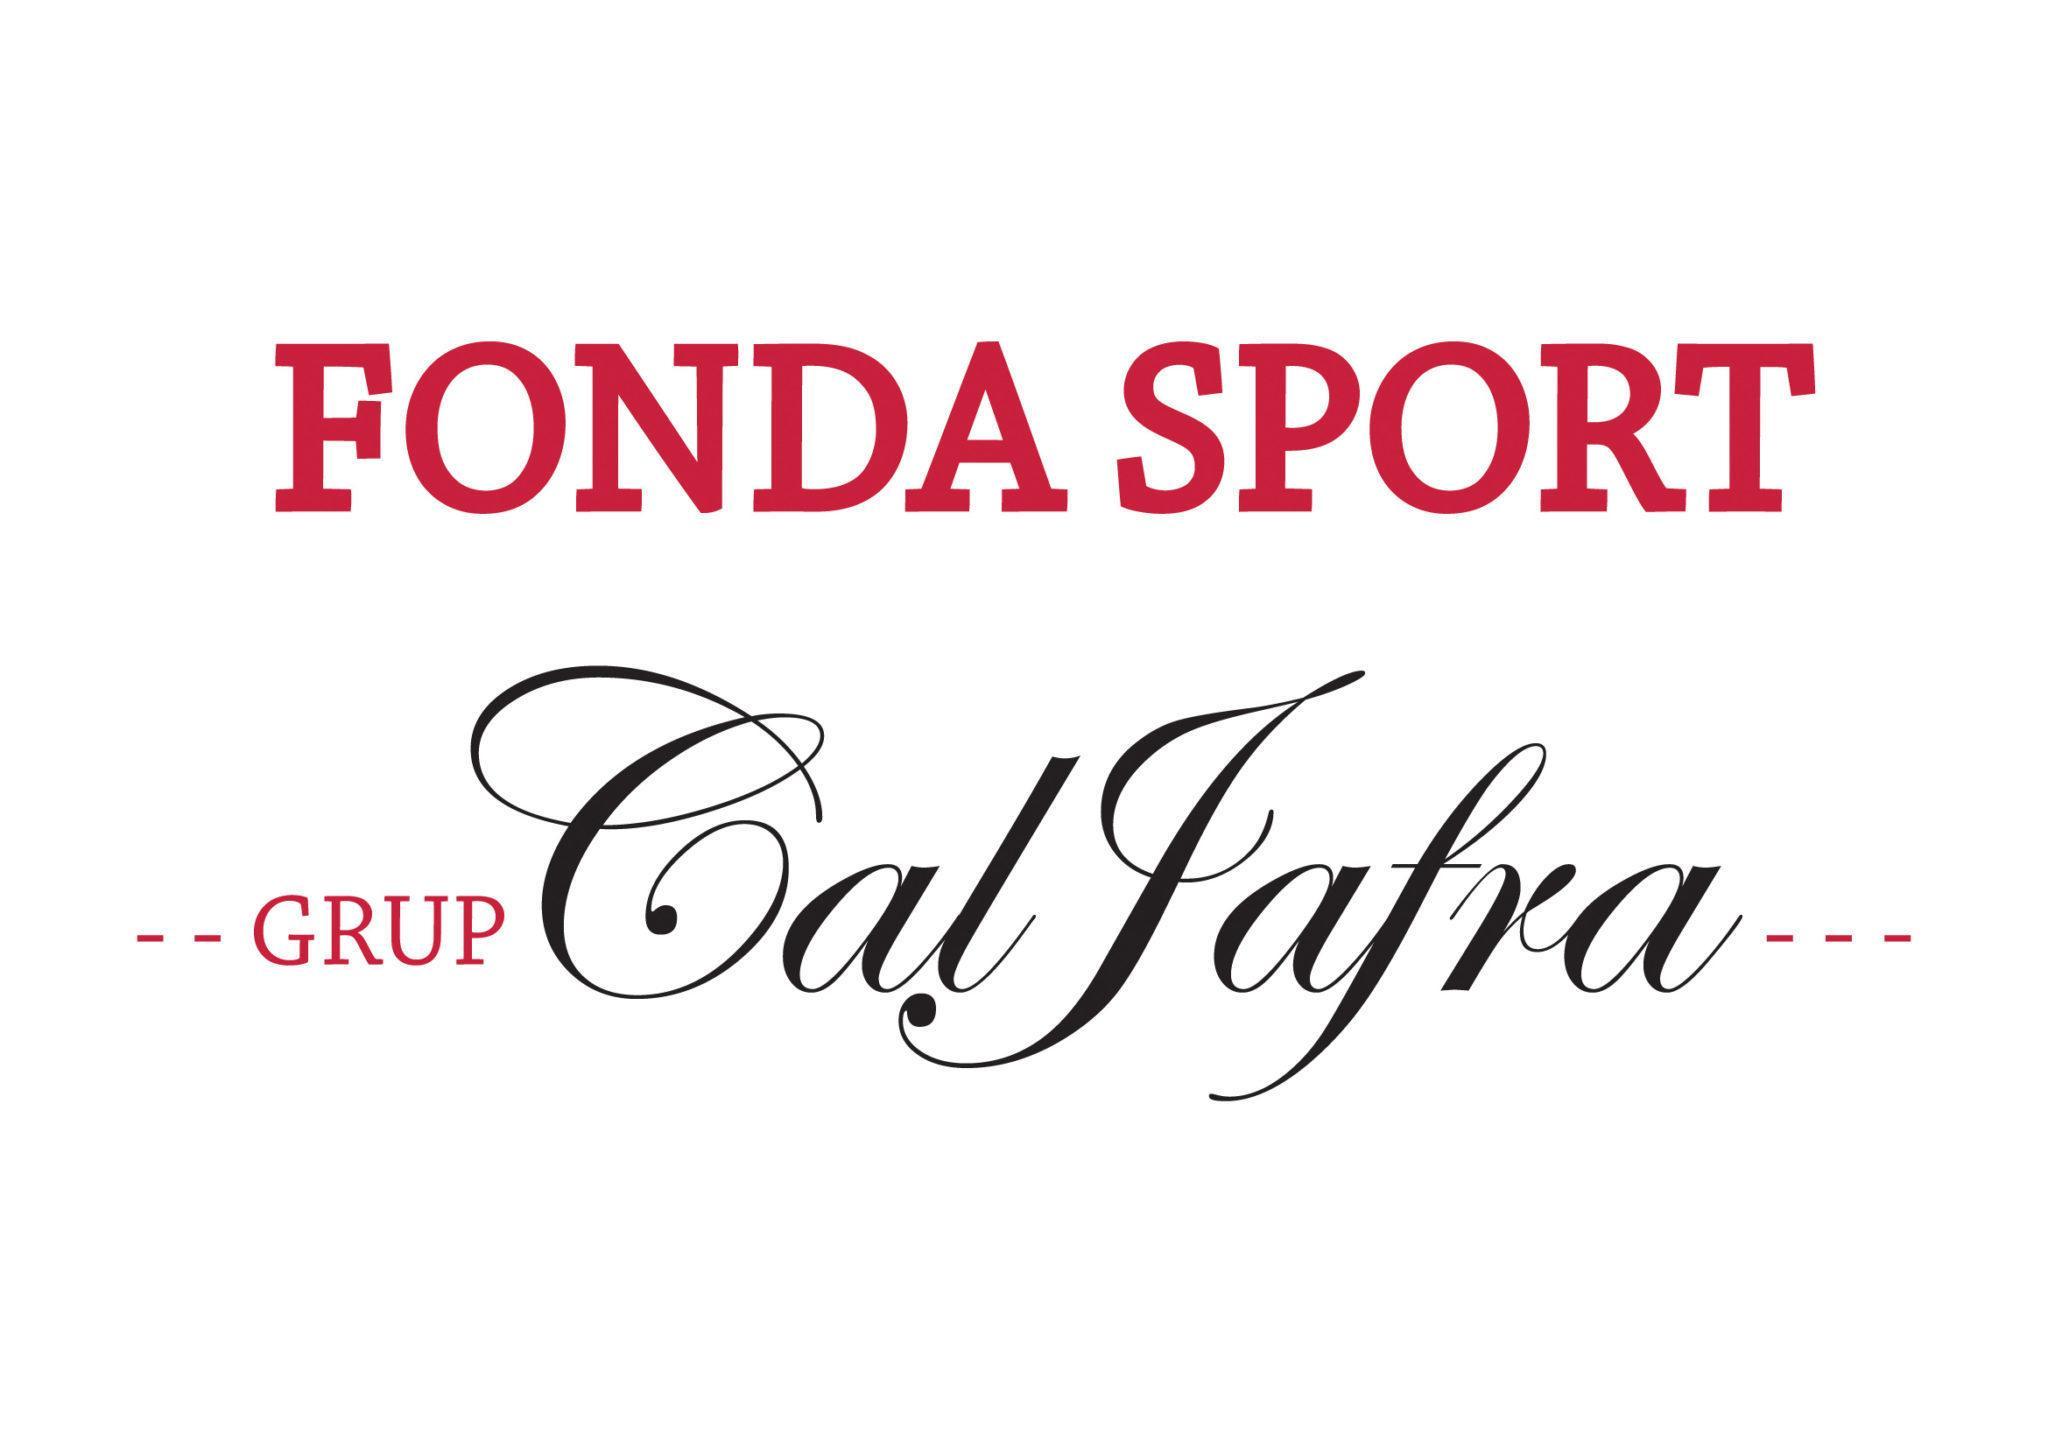 Restaurant fonda sport